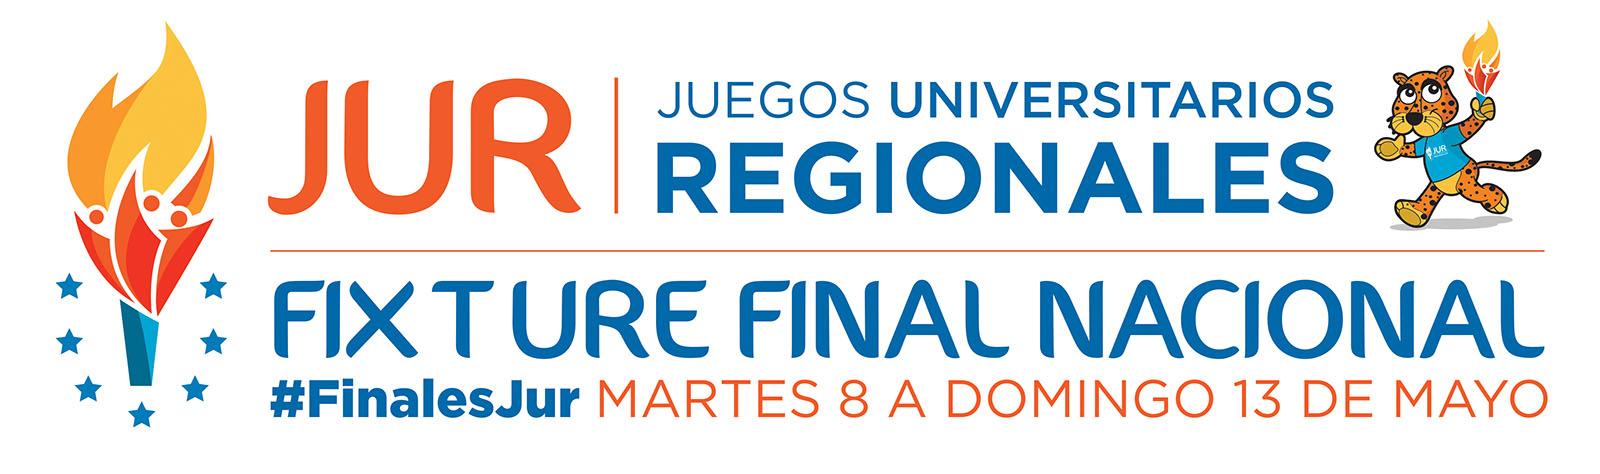 Convocatoria Para Los Juegos Universitarios Regionales Jur 2018